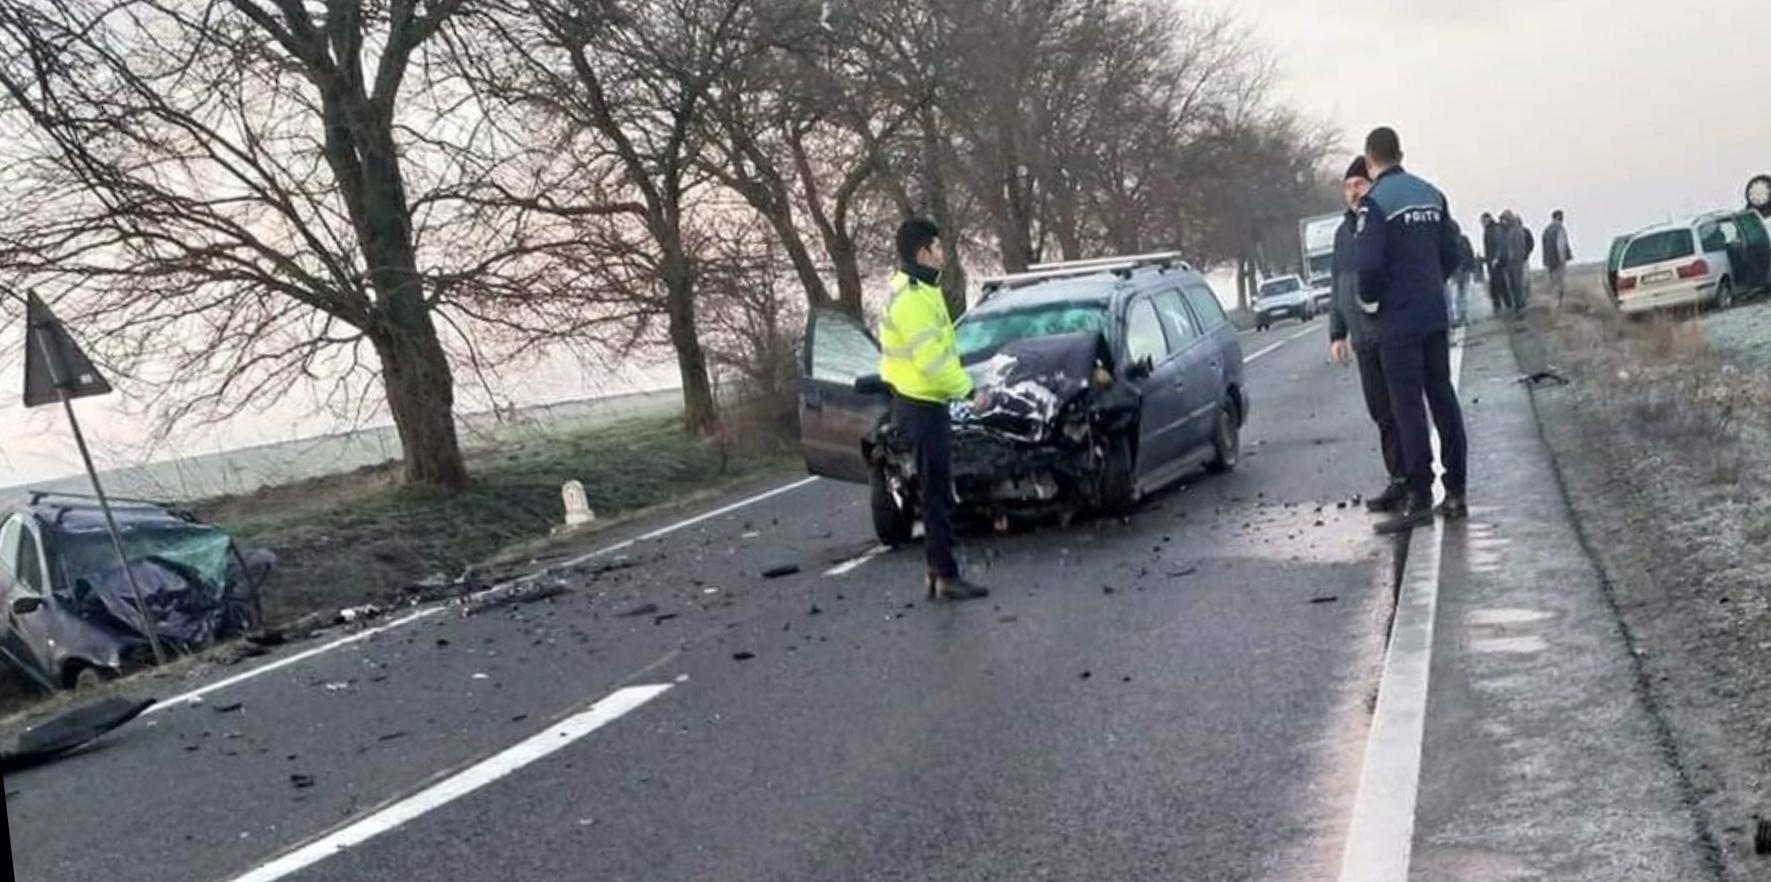 Accident mortal în Bihor! 4 autoturisme implicate, o persoana a decedat!